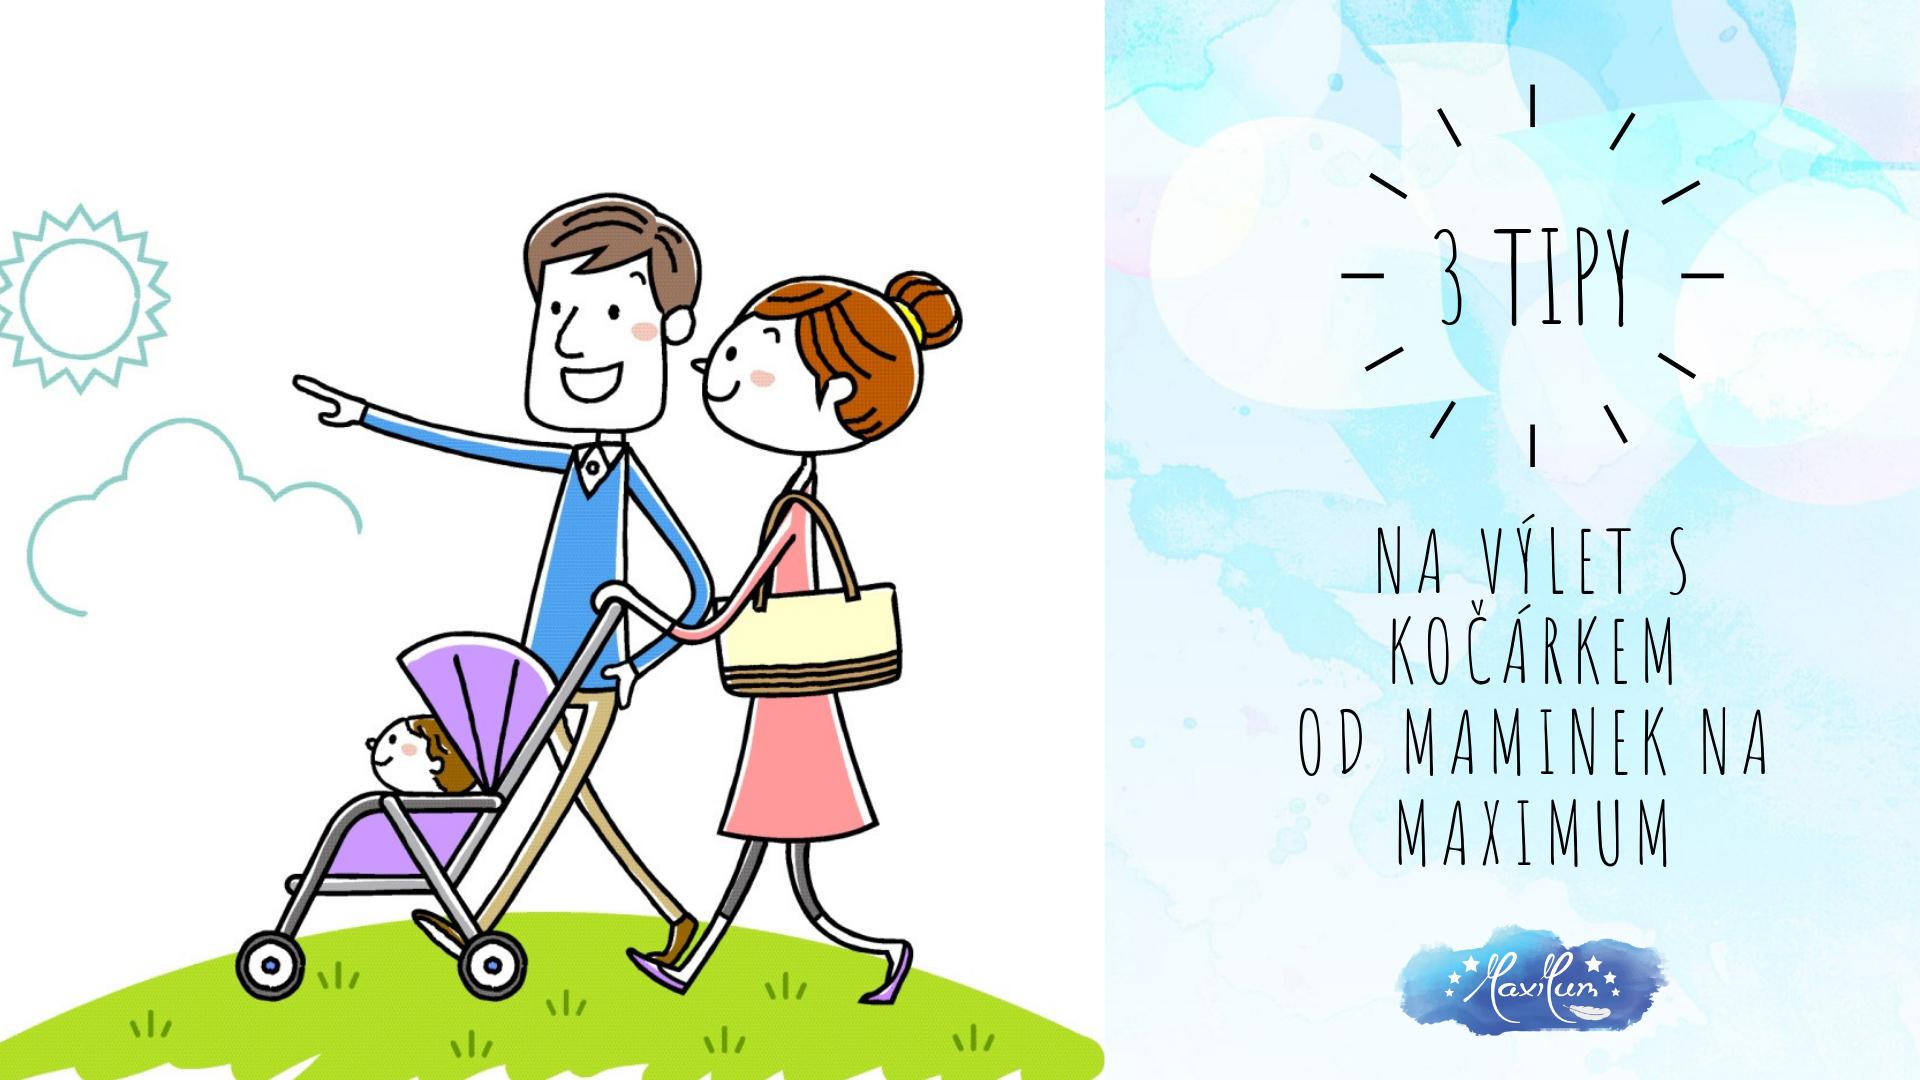 3 tipy na výlet s kočárkem od maminek na maxiMUM